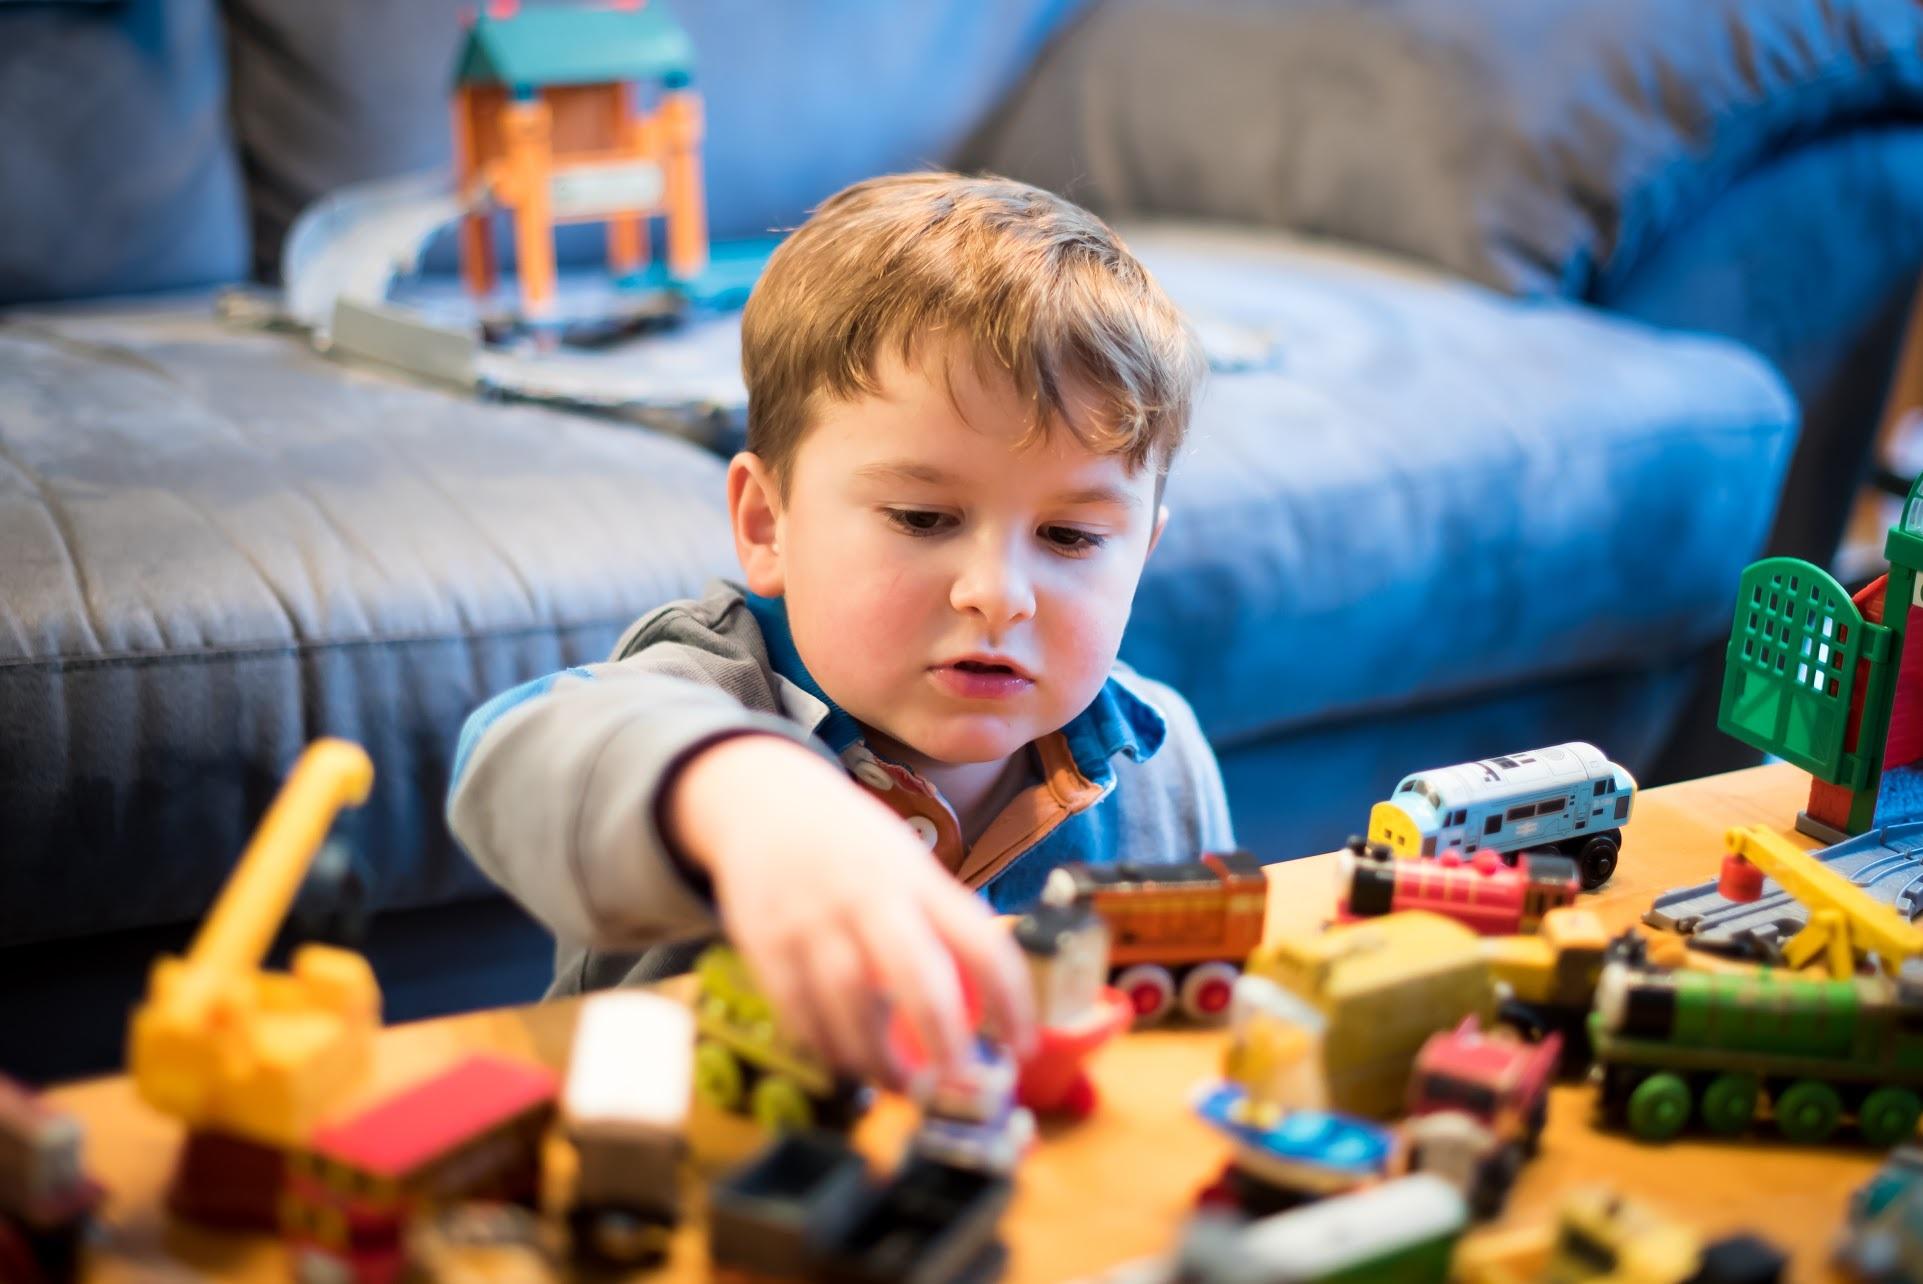 Mijn Kind Speelt Niet Alleen Leren Om Zichzelf Te Vermaken